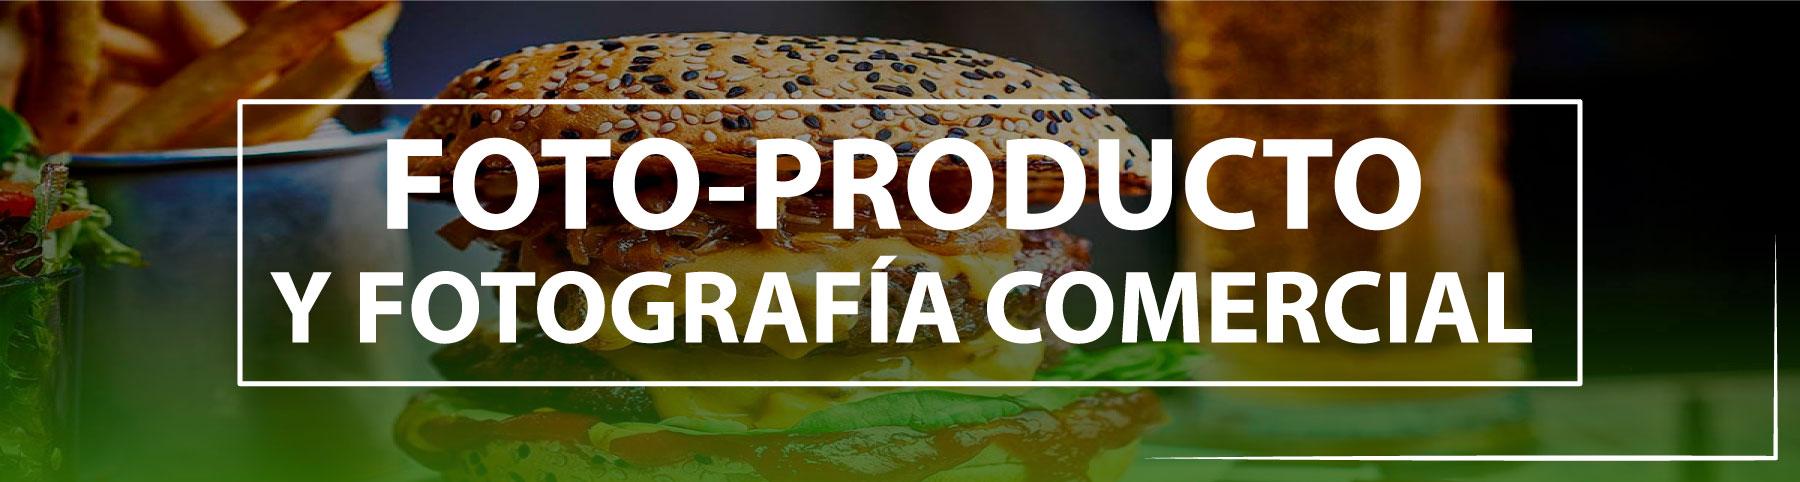 Foto-Producto y fotografía comercial - Nagual Creativo